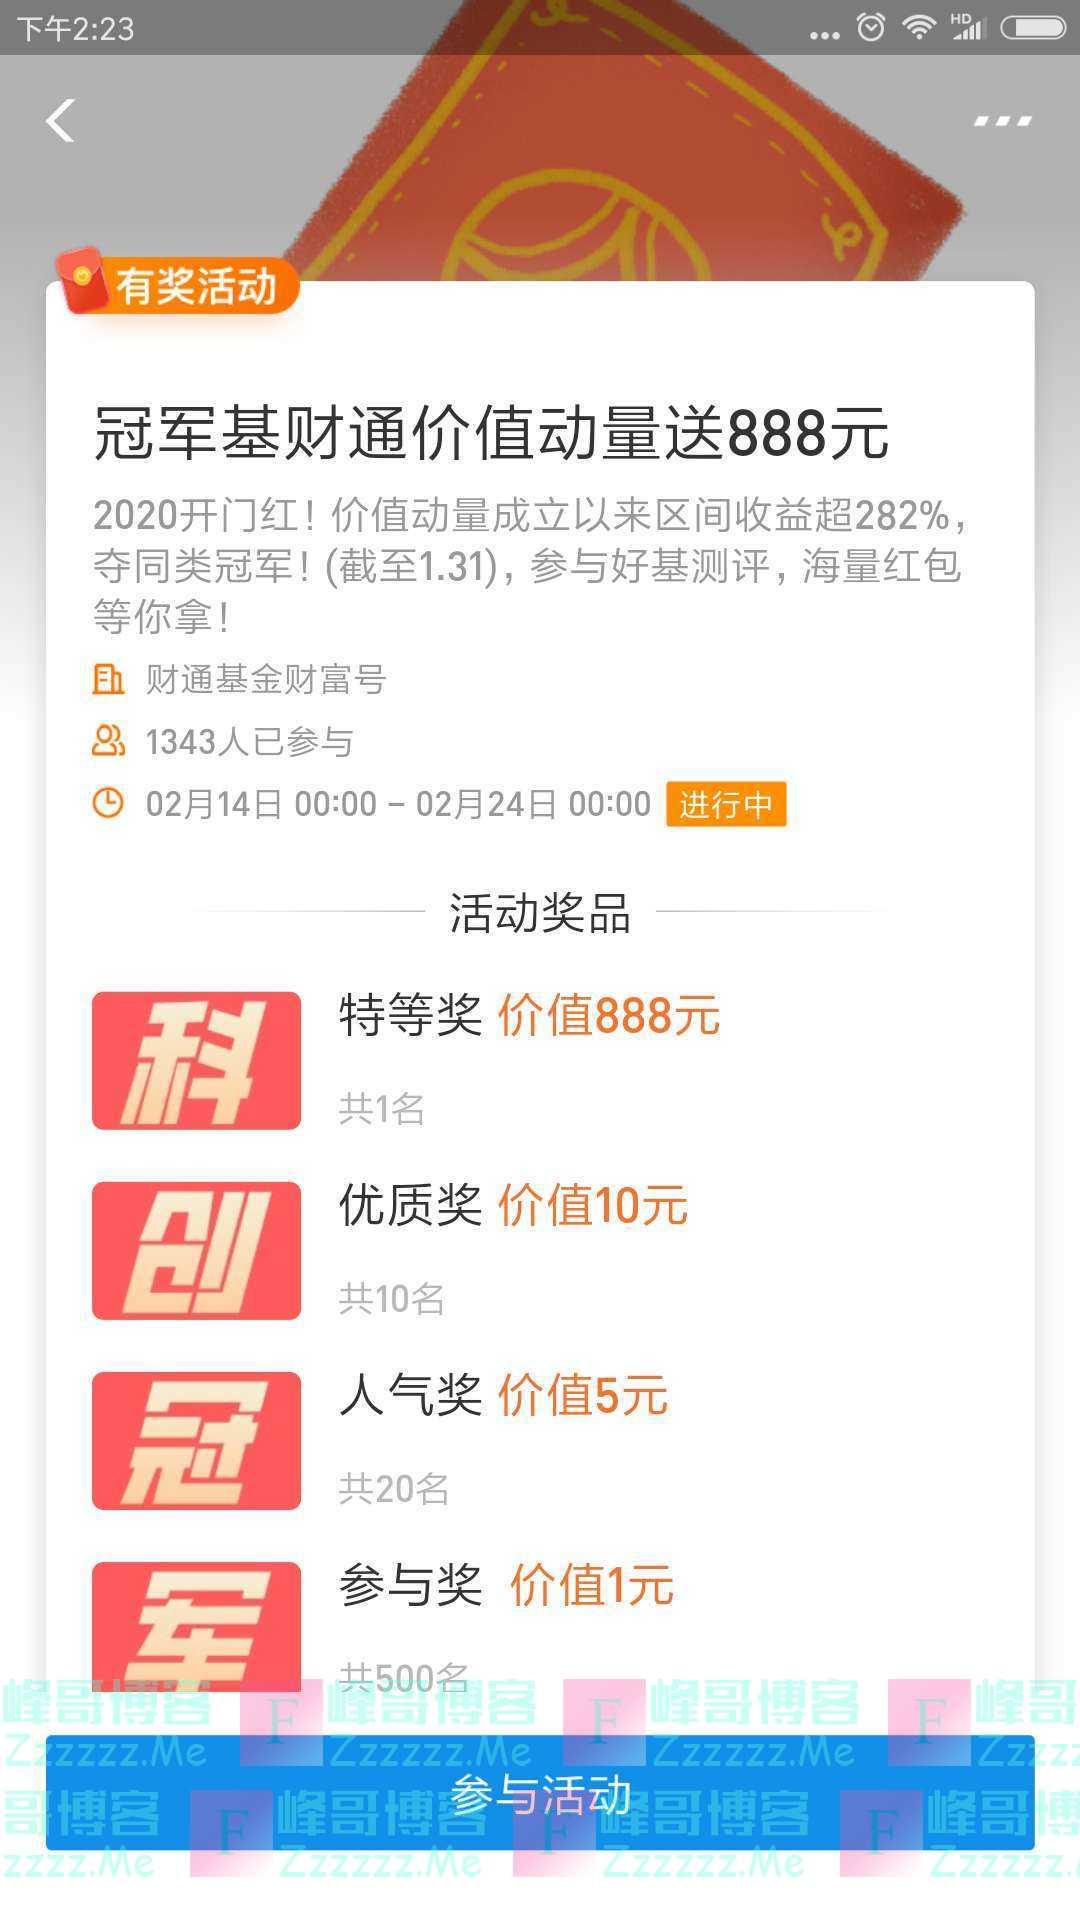 财通基金冠军基财通价值动量送888元(截止2月24日)